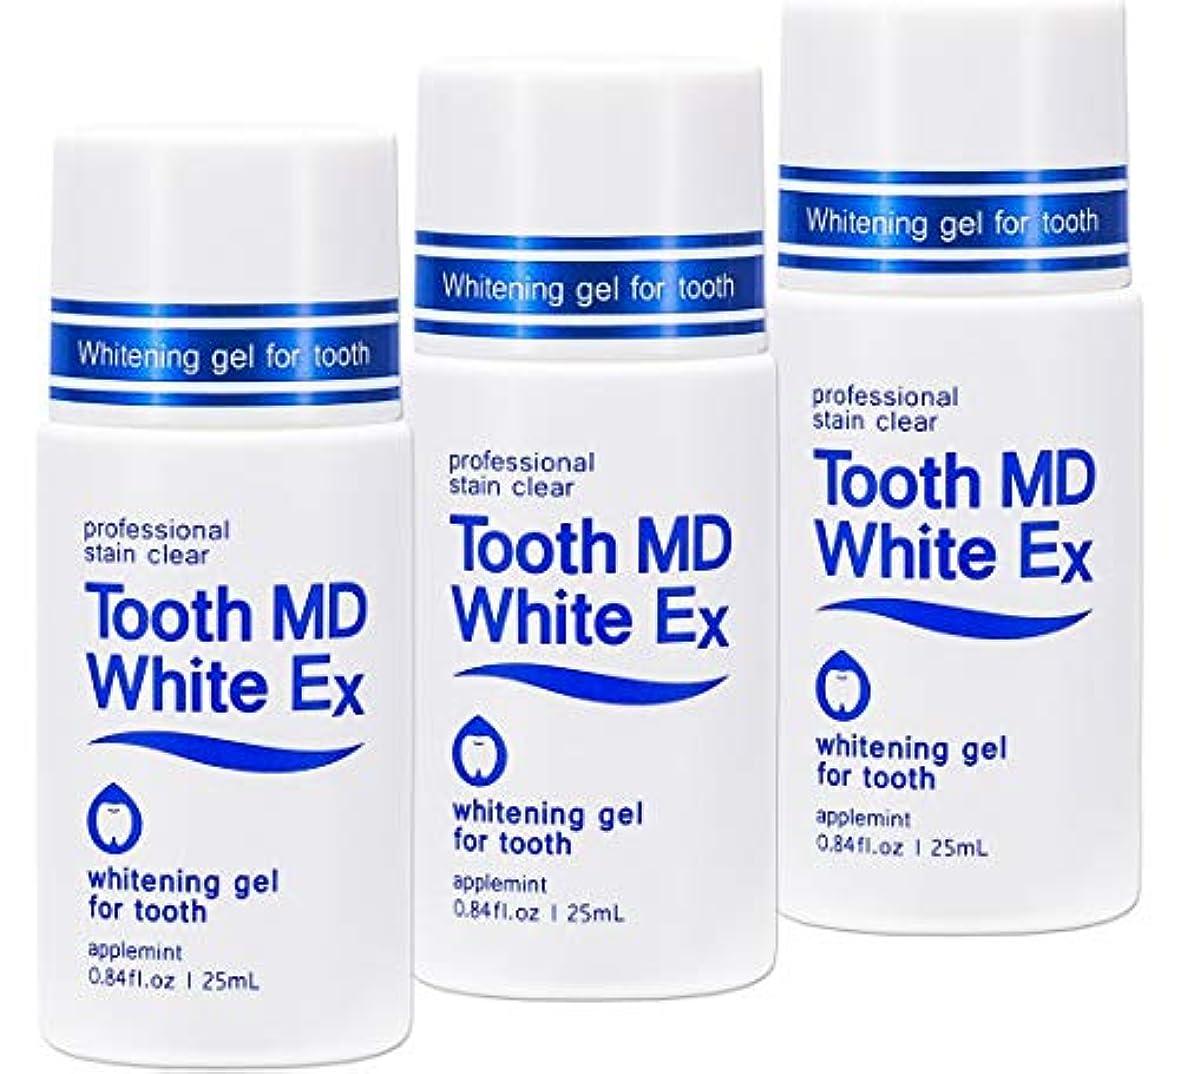 狭いプラットフォーム留め金トゥースMDホワイトEX 3個セット [歯のホワイトニング] 専用歯ブラシ付き